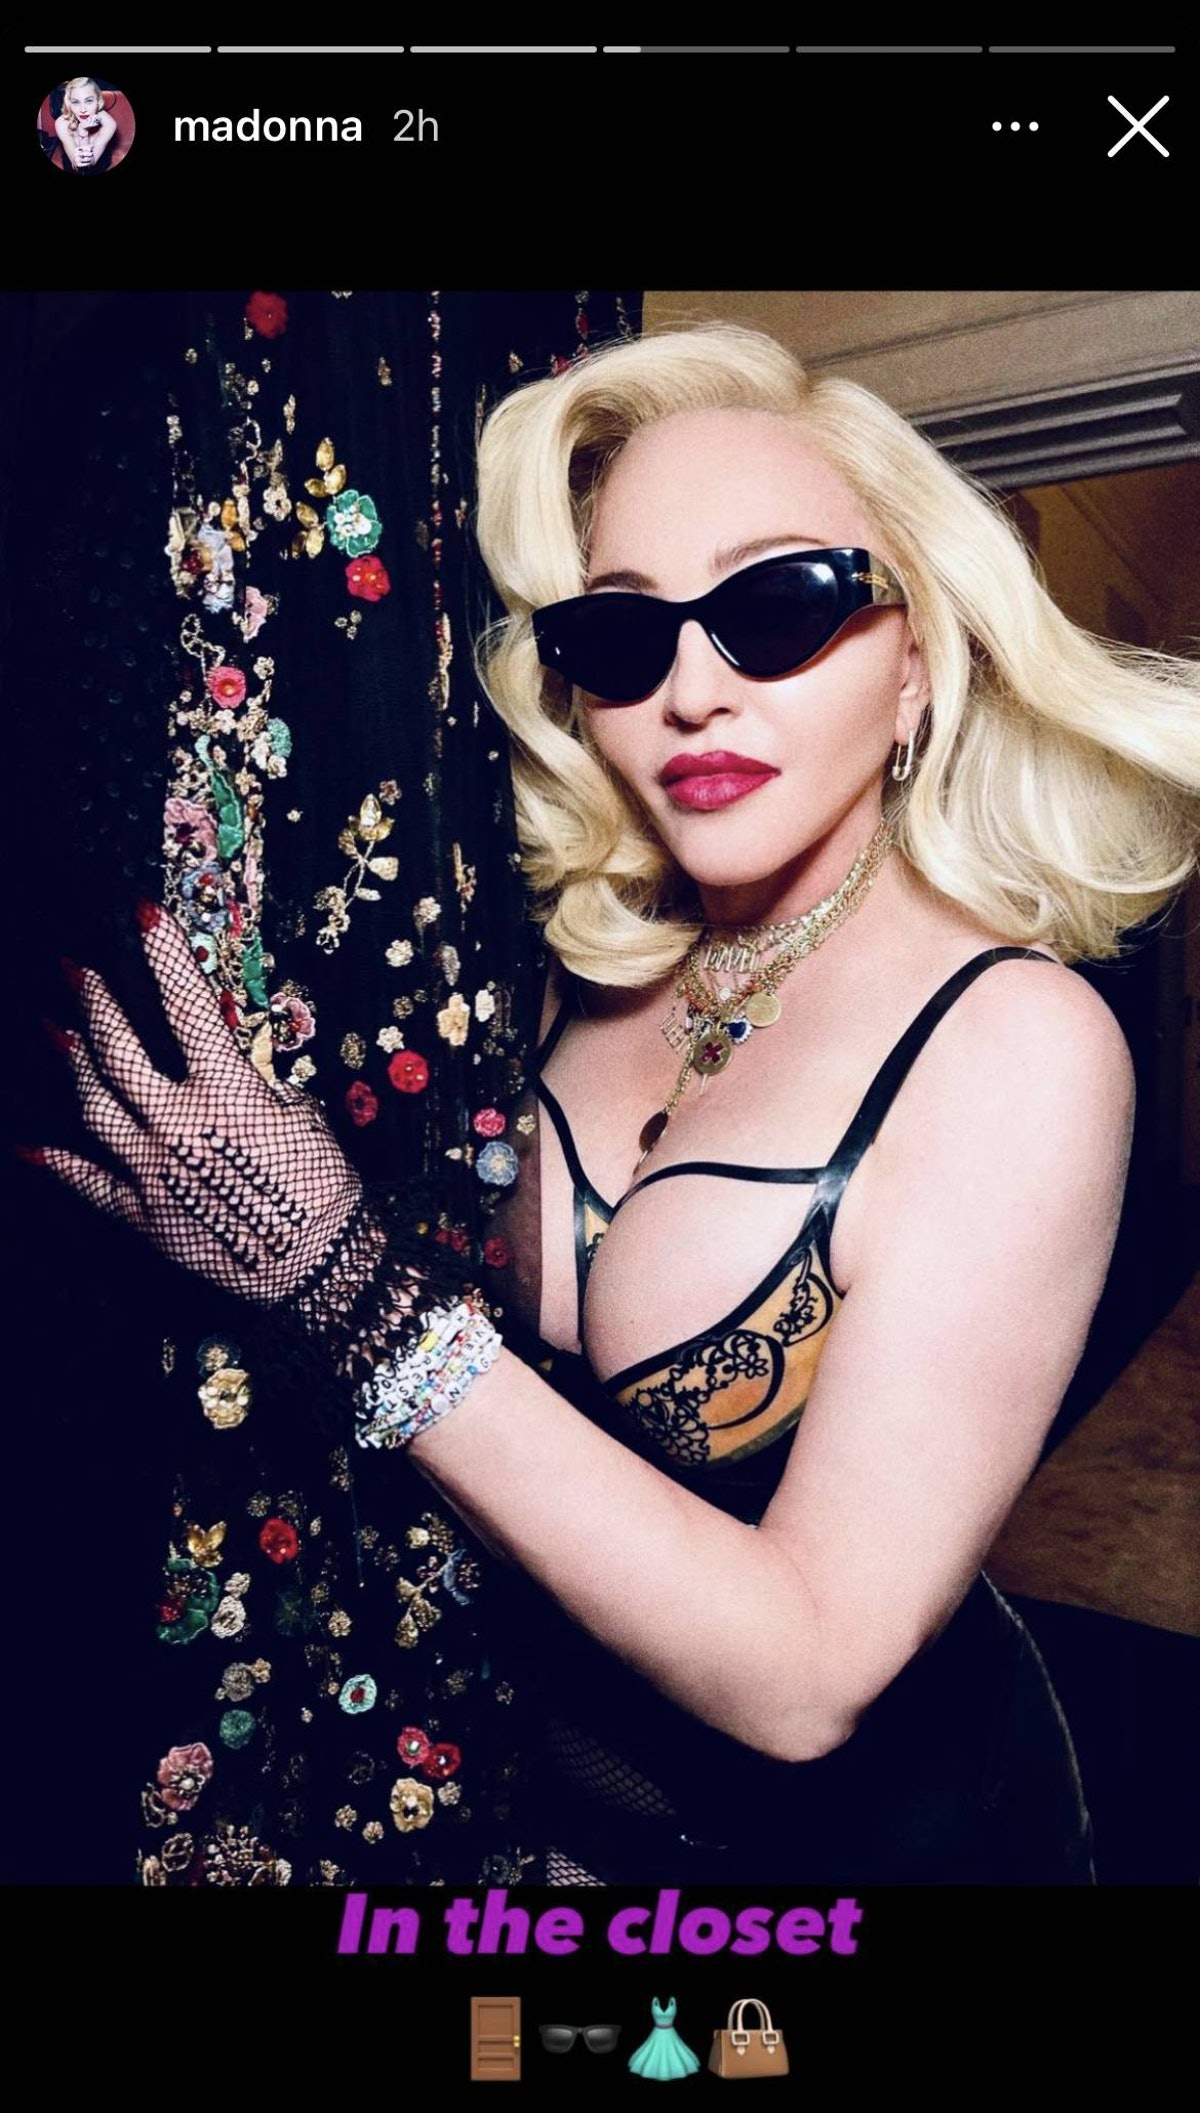 Madonna in a closet.